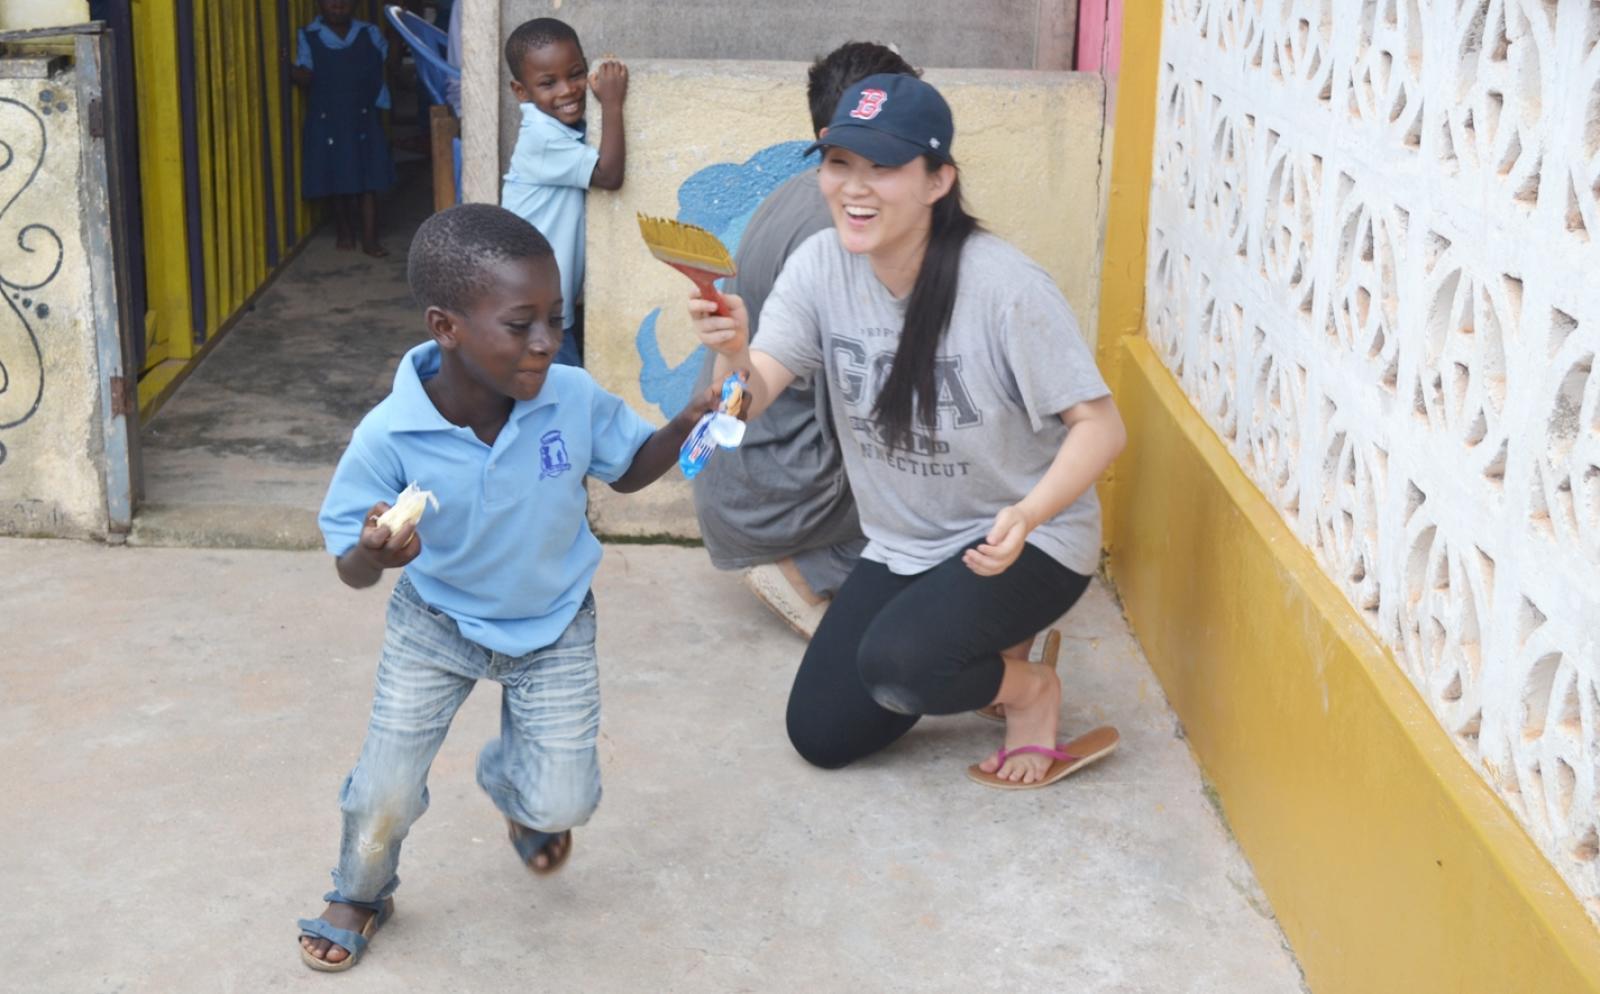 ガーナの子供たちと教育施設の修繕に取り組む建築ボランティア